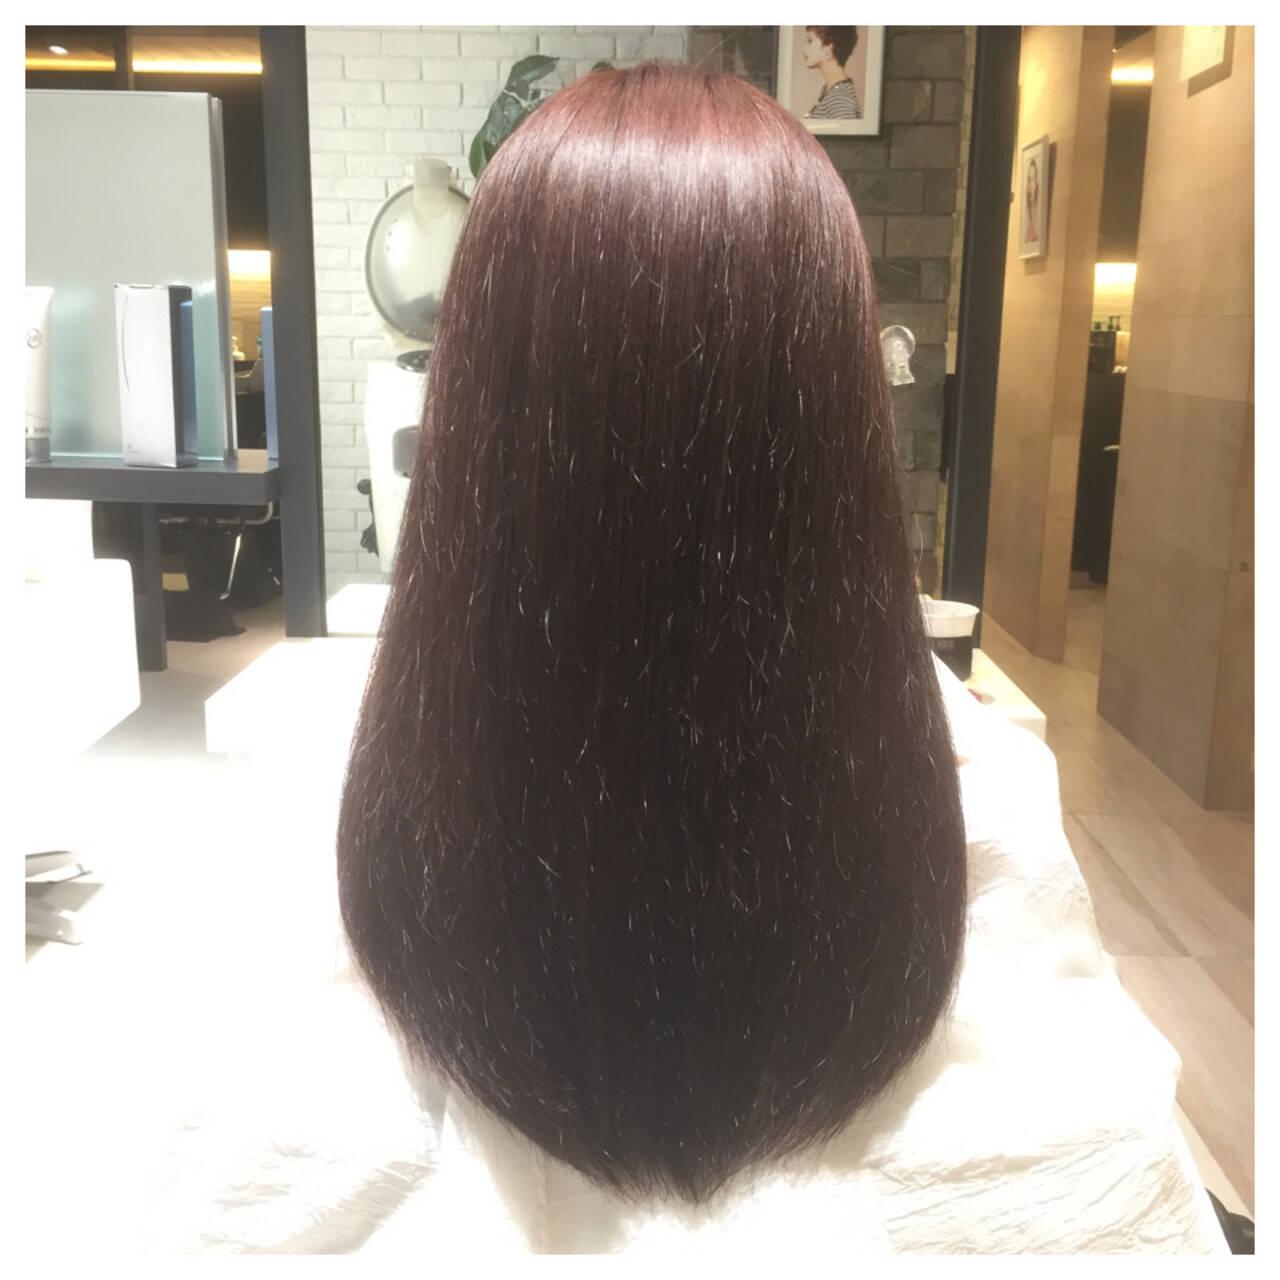 ガーリー ピンク ロング 春ヘアスタイルや髪型の写真・画像